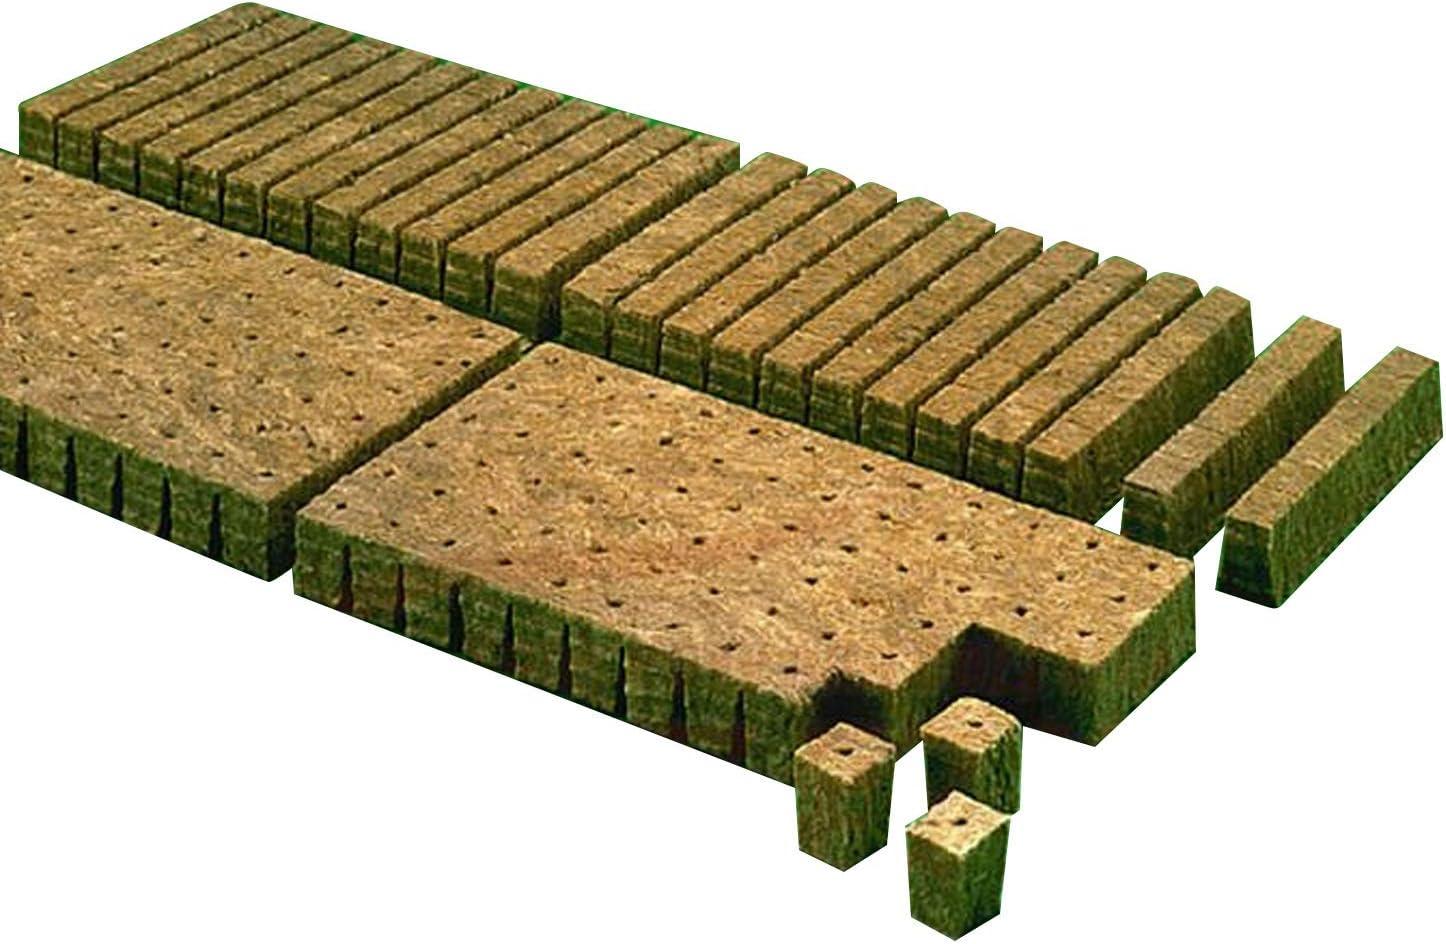 Hydroponics Cutting Cubes Tray 77 or 150 Rockwool Cultilene Propagation 25//35mm 77 cube Tray - 35mm